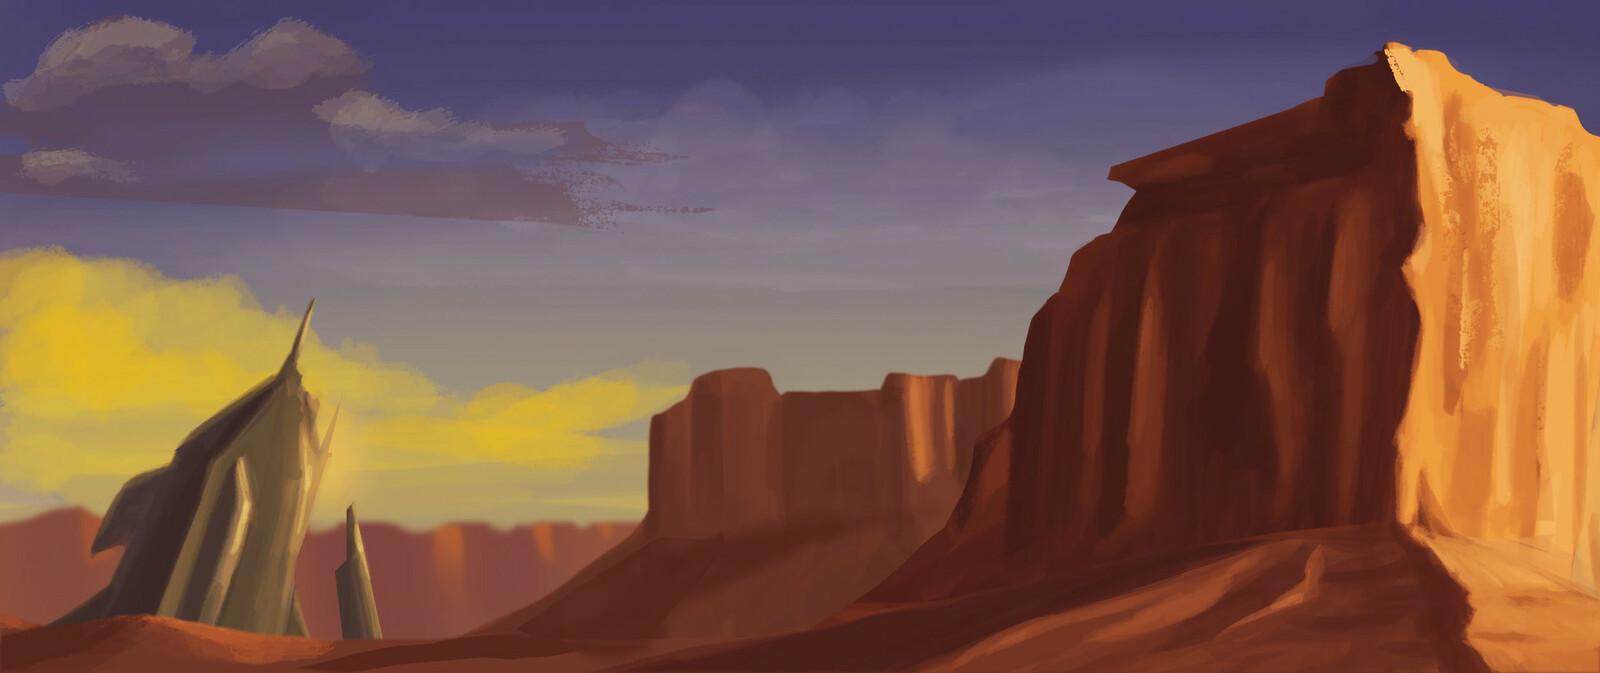 Desert study